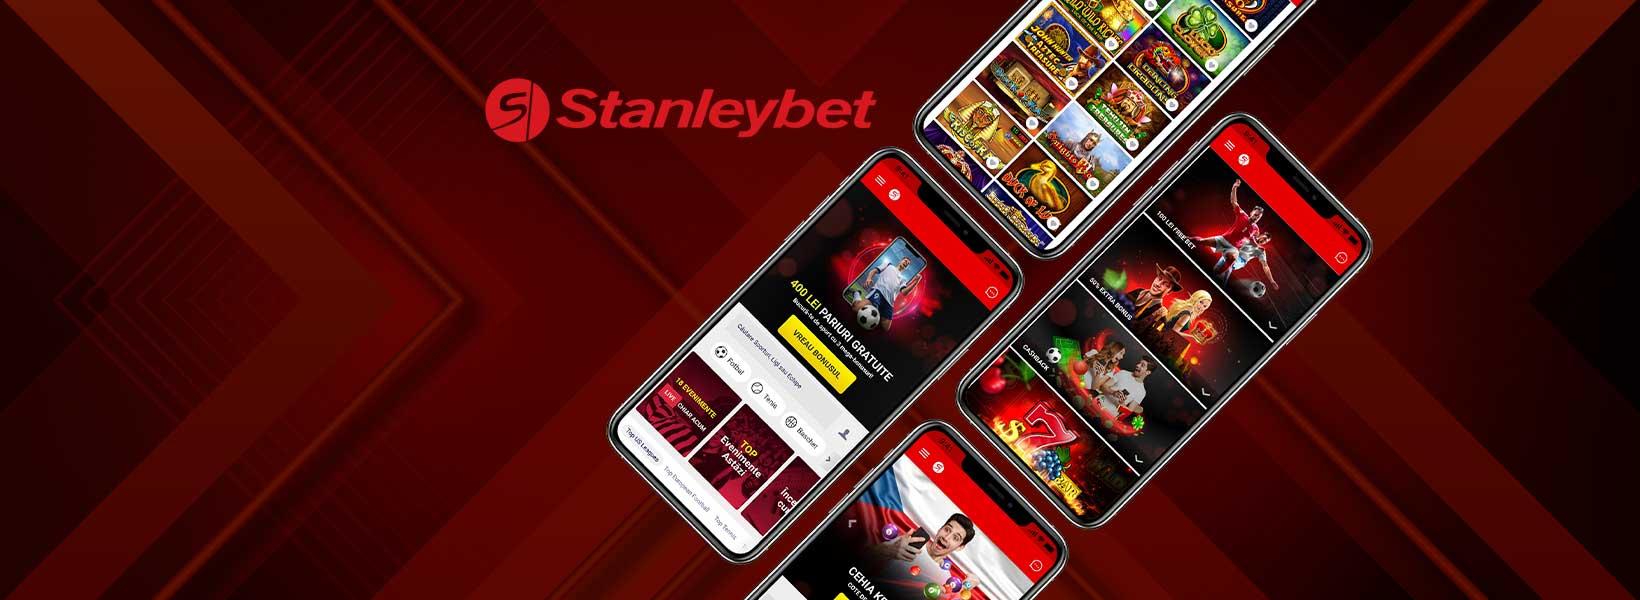 stanleybet mobile